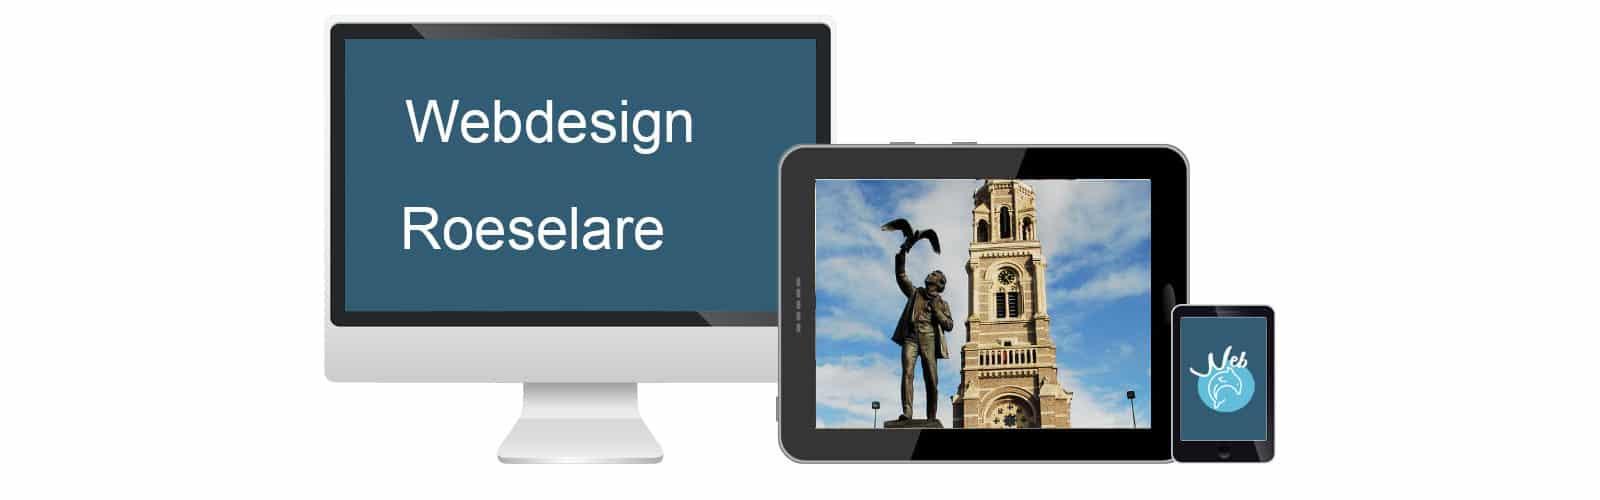 Webdesign Roeselare - webdolfijn